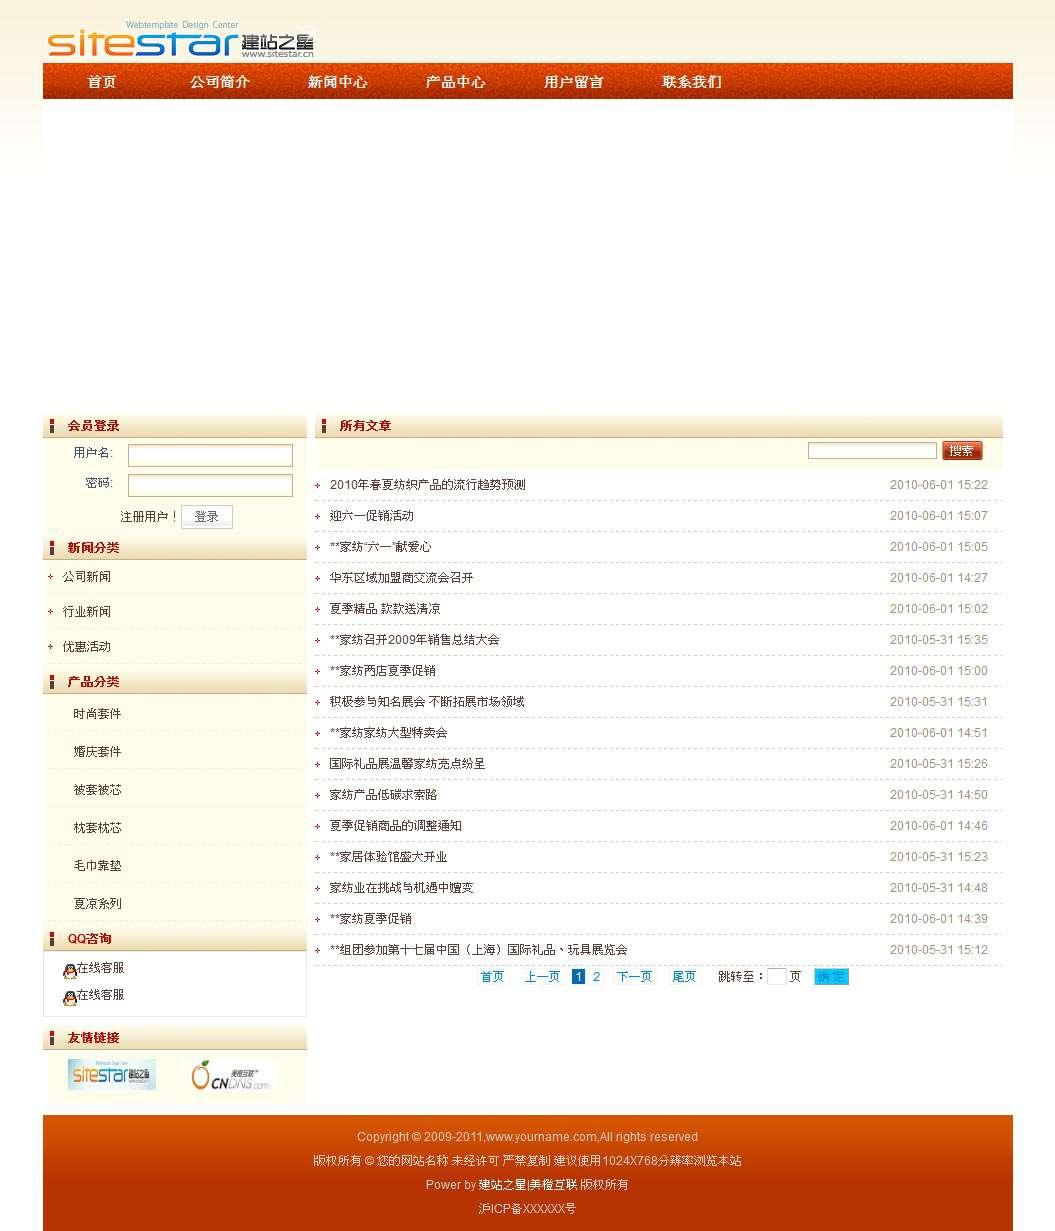 企业网站-家居A1模板列表页面